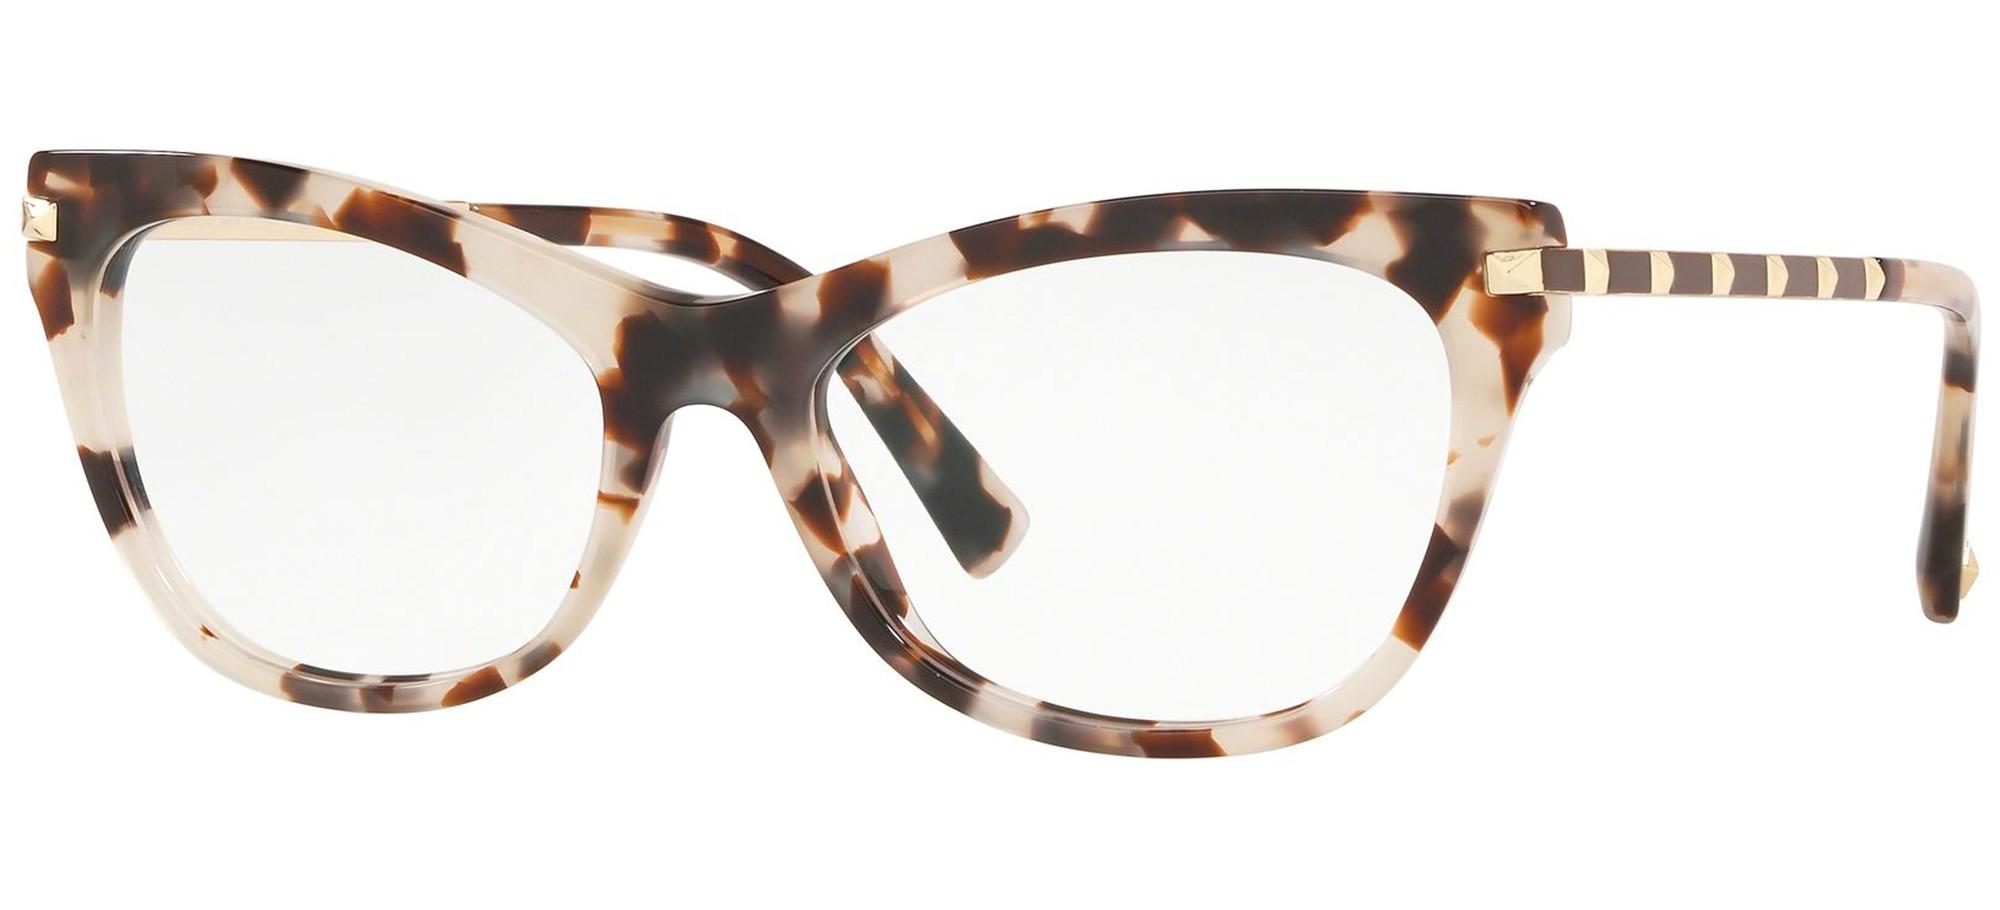 Valentino eyeglasses ROCKSTUD VA 3041